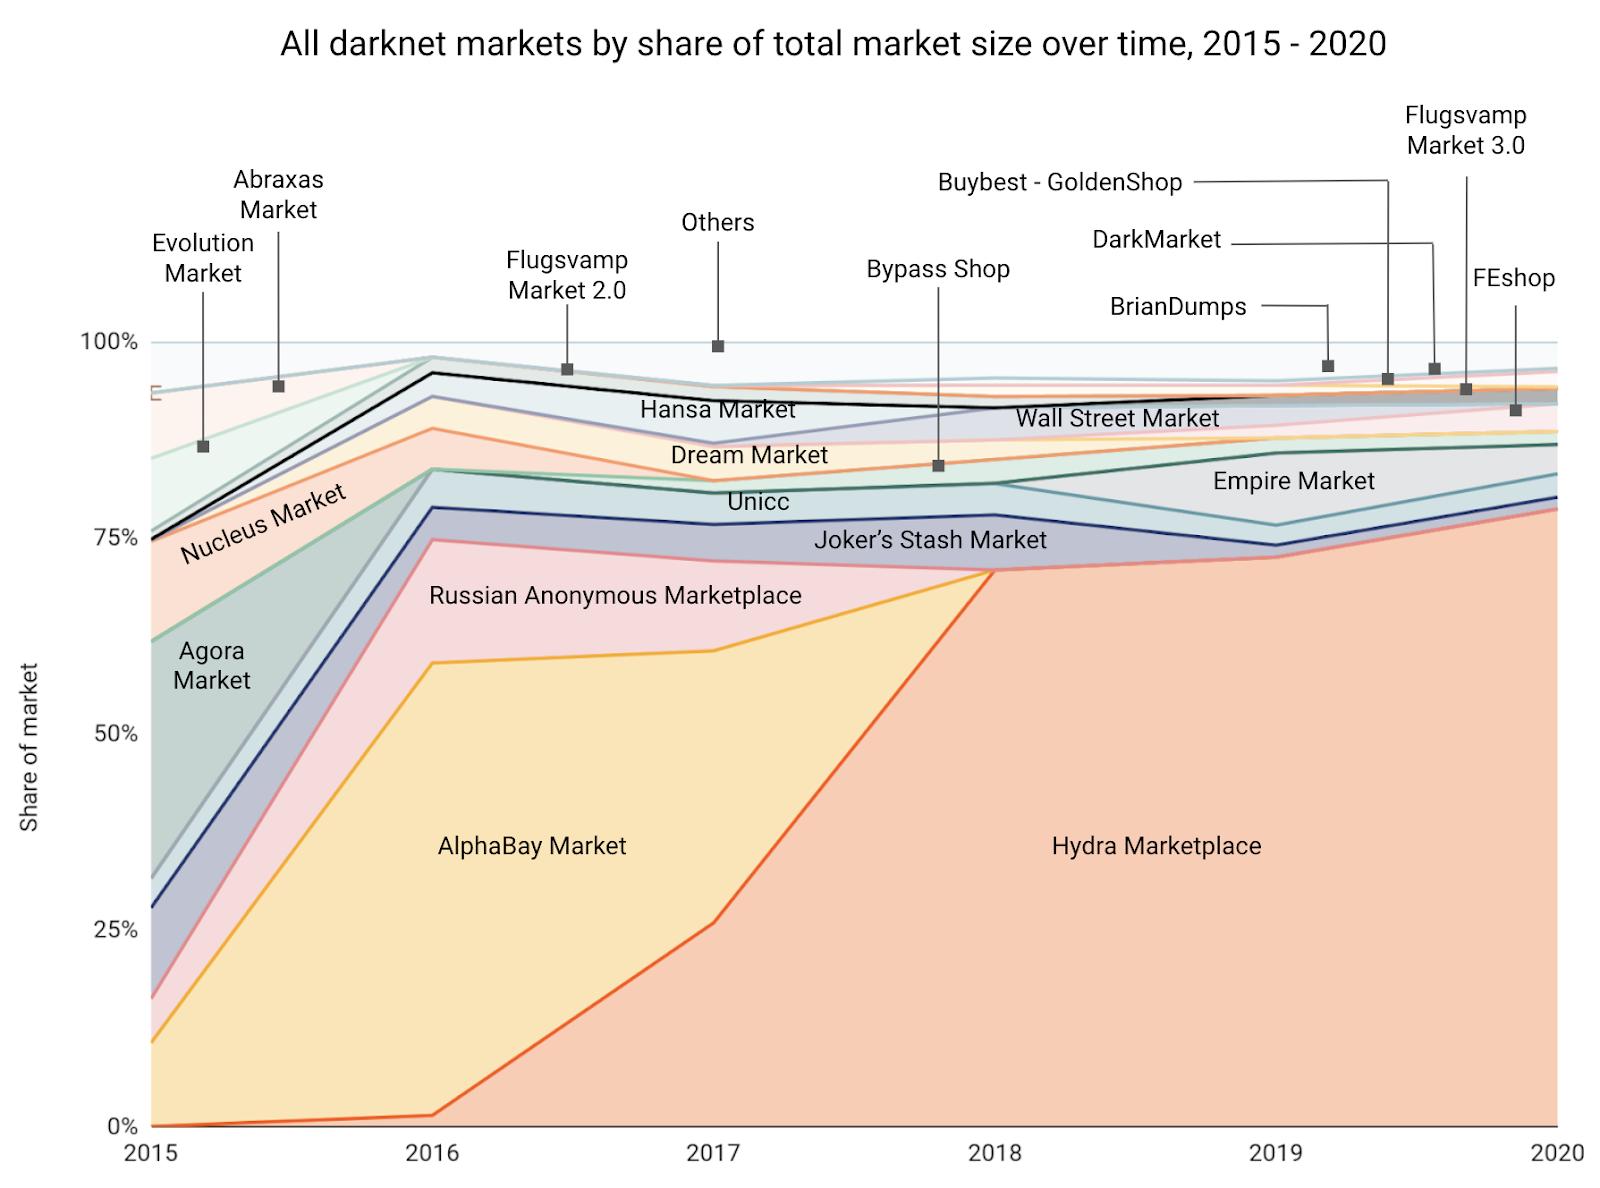 Mercados de la darknet lograron 1.7 billones de dólares en ganancias mediante criptomonedas para 2020